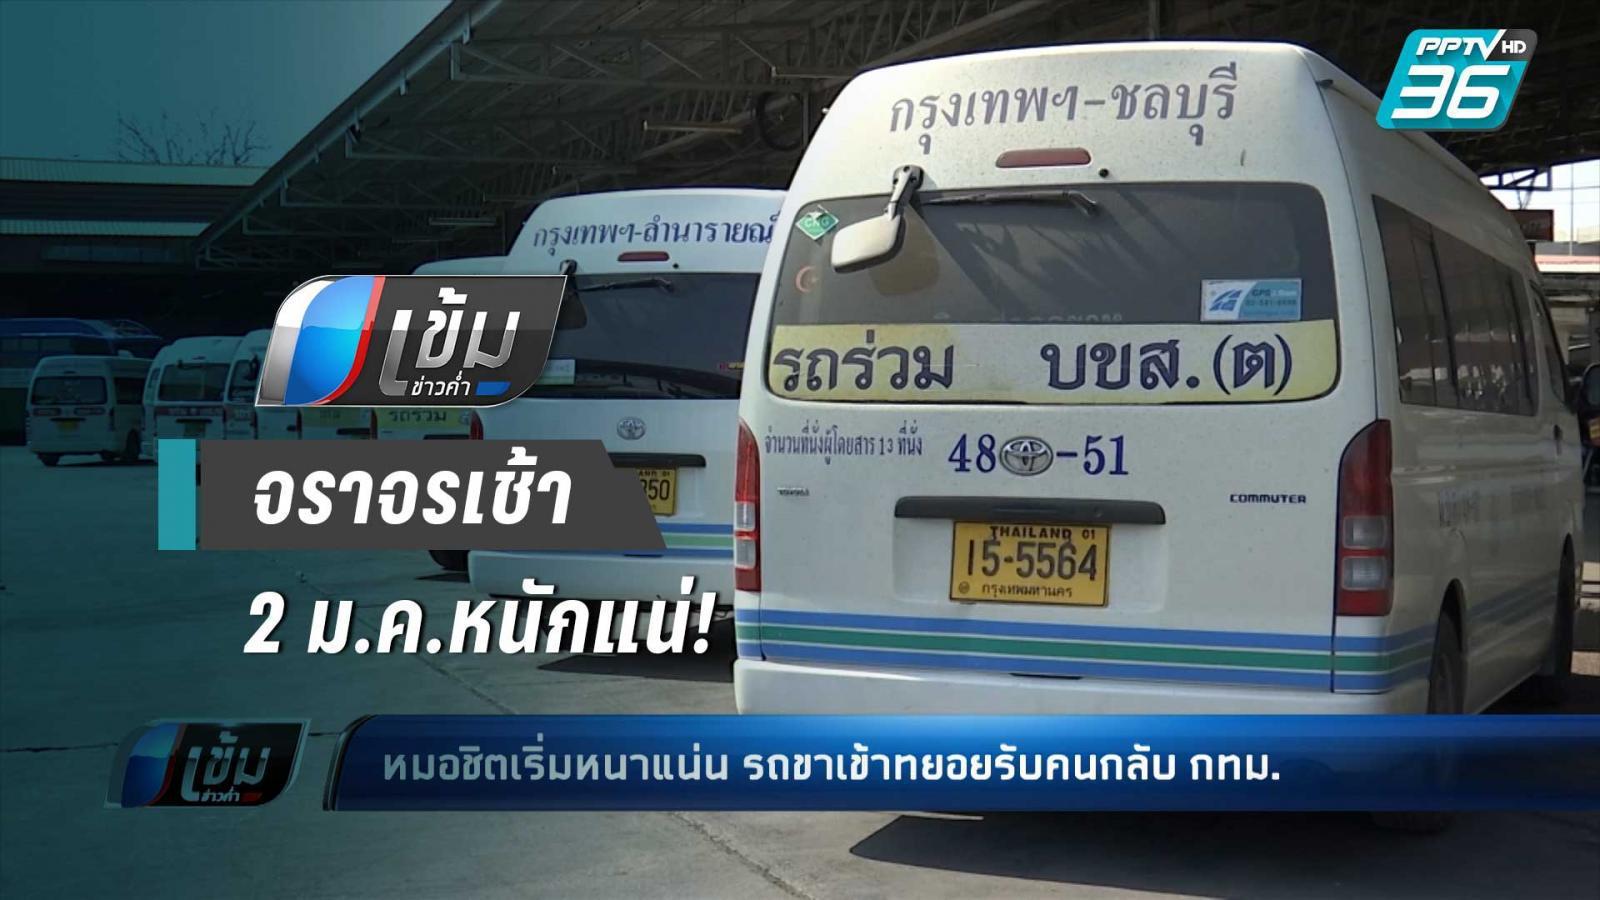 บขส.เพิ่มรถรองรับประชาชนเดินทางกลับ คาดหนาแน่อีกตี 4 เช้า 2 ม.ค. 63